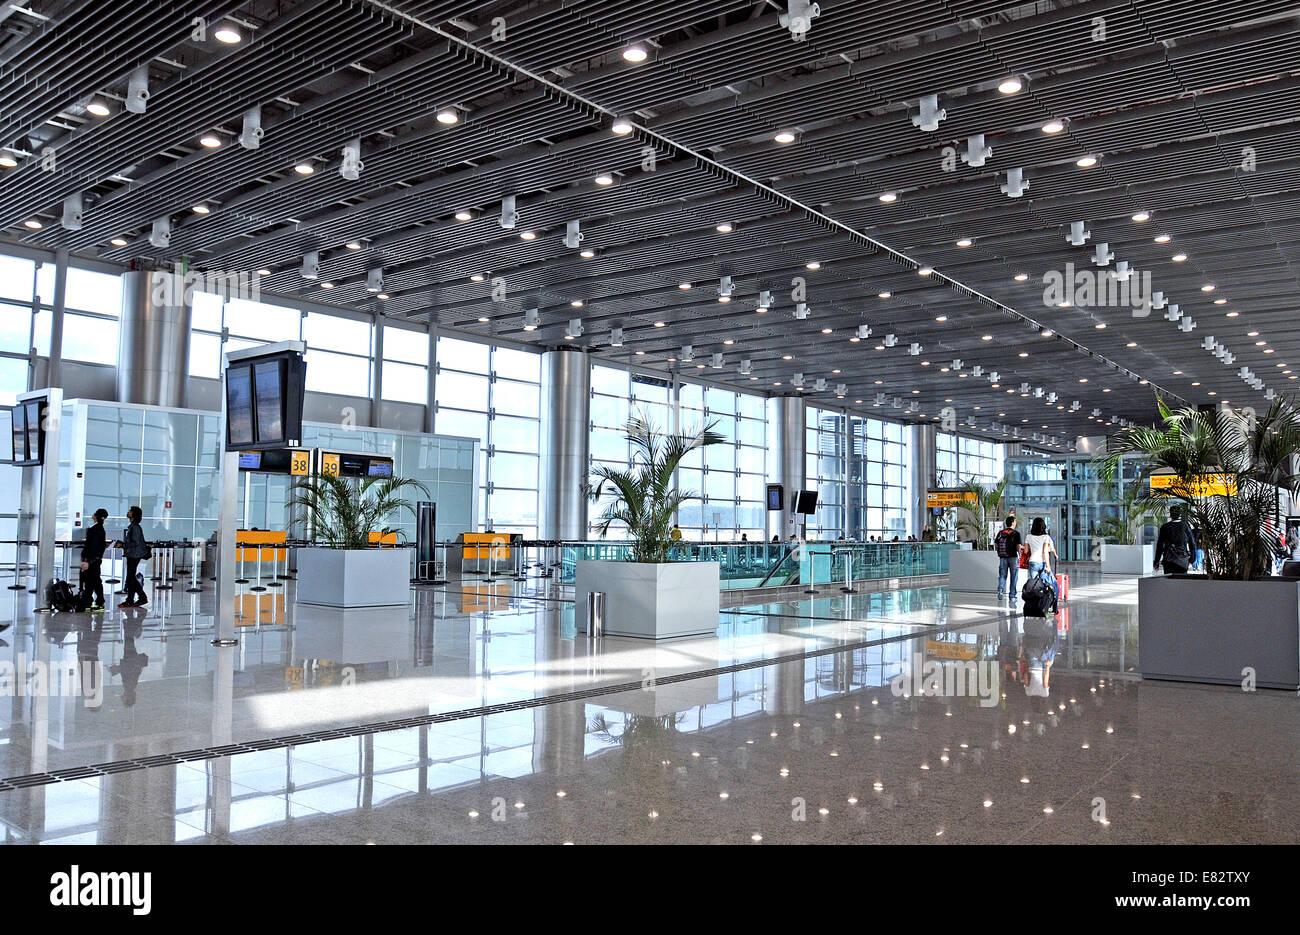 Aeroporto Gru : Sala partenze del terminal dell aeroporto internazionale